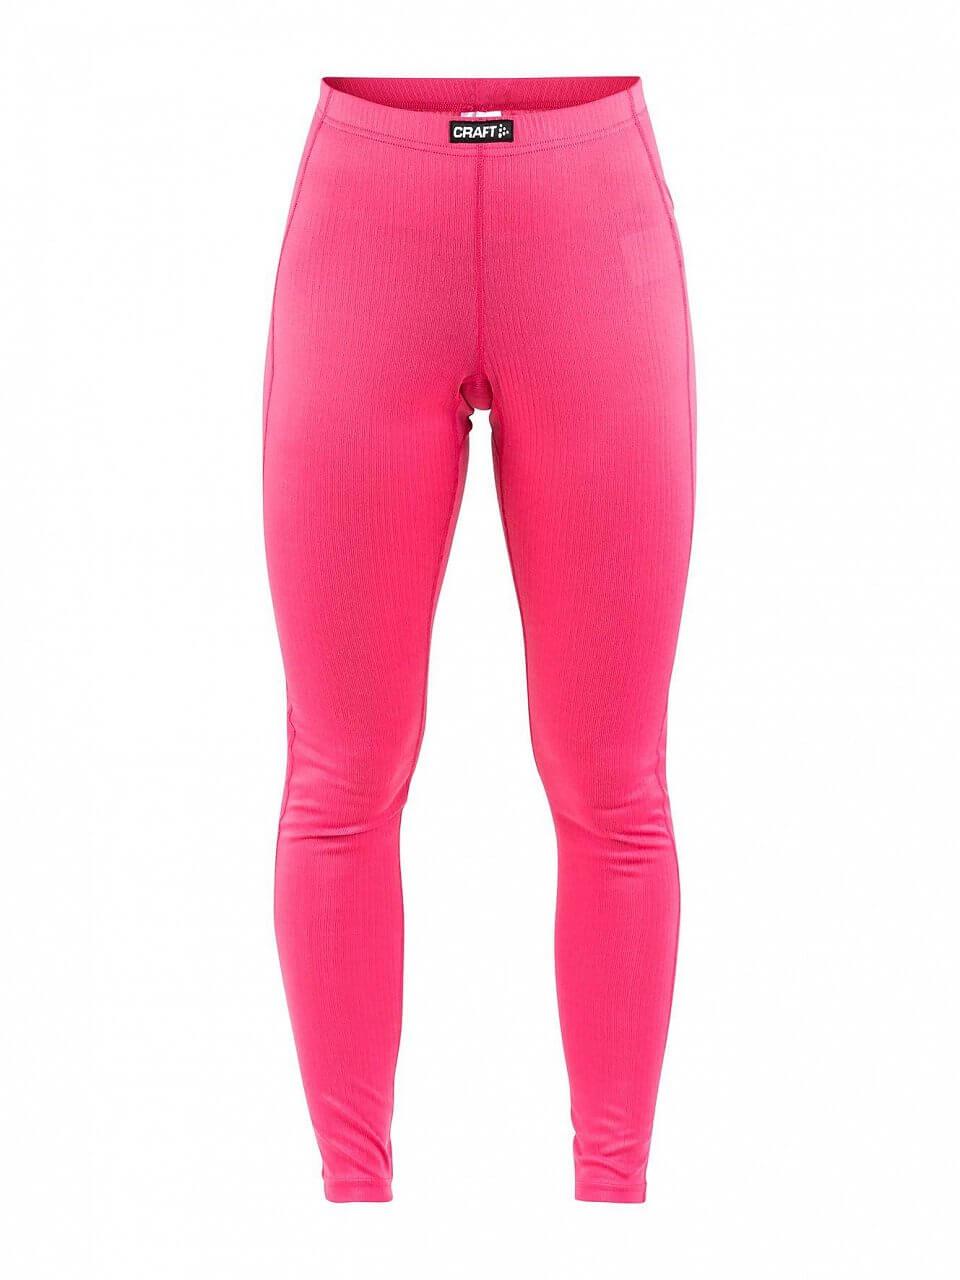 Spodní prádlo Craft W Spodky Mix and Match růžová